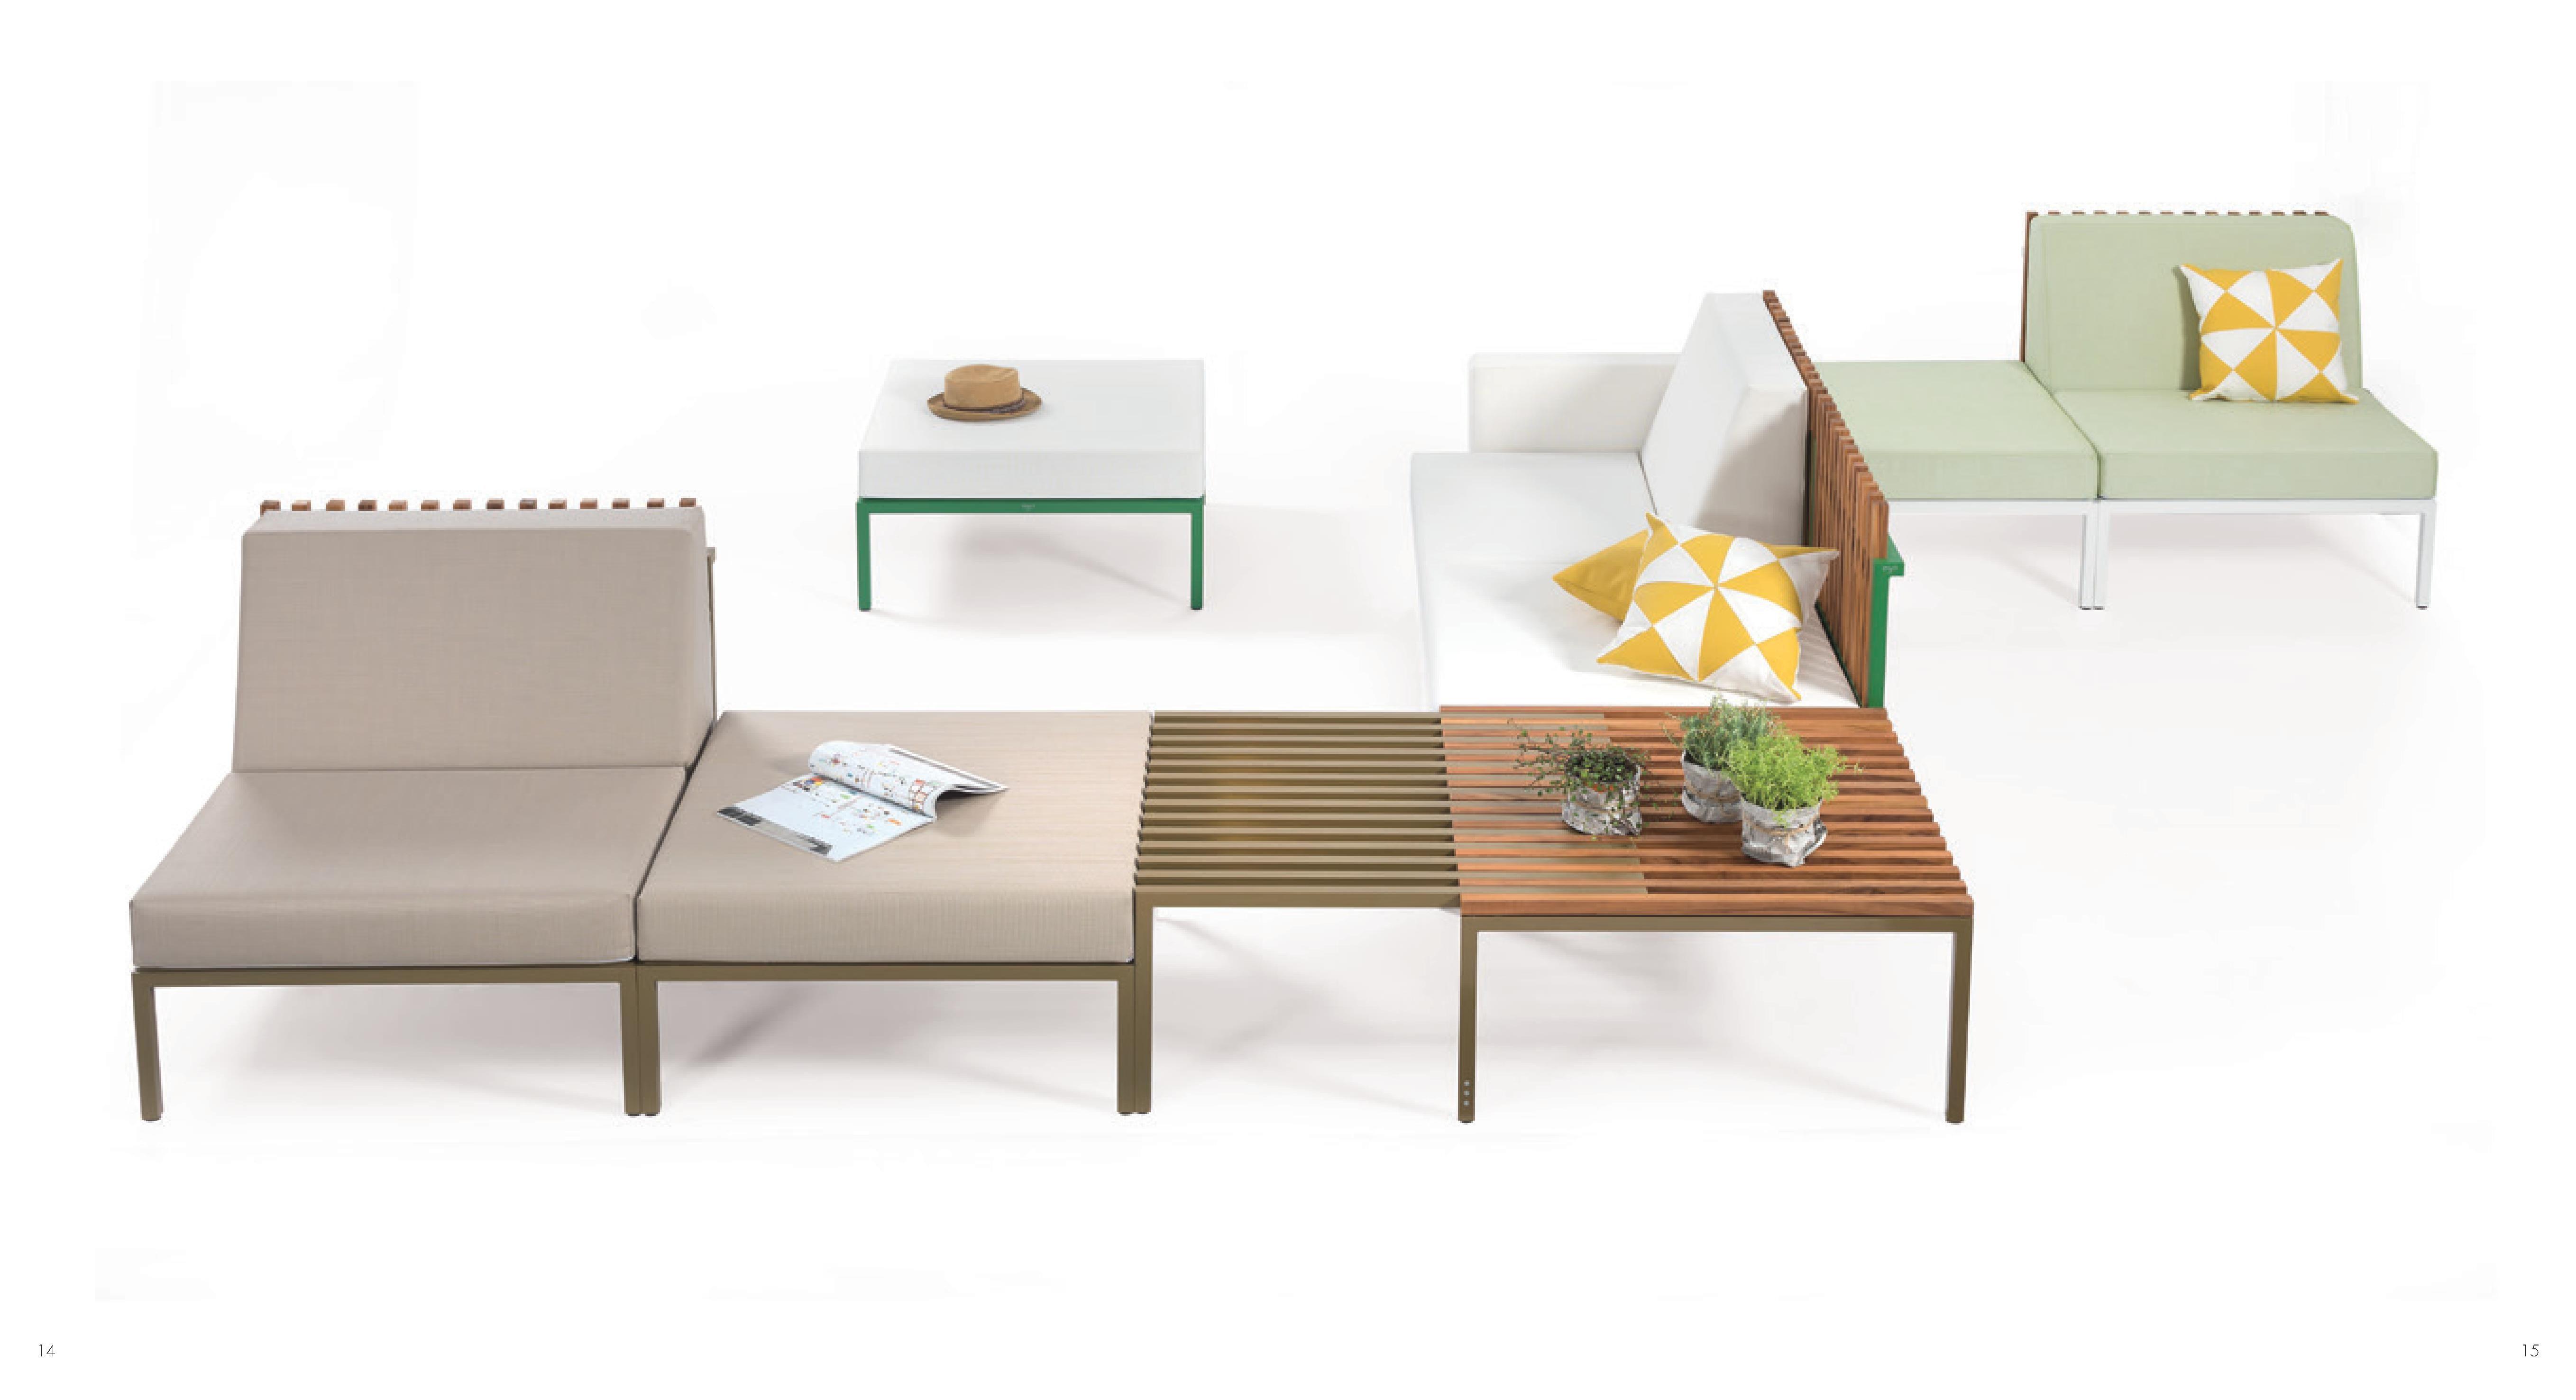 Designermöbel im von Design, Einrichtung